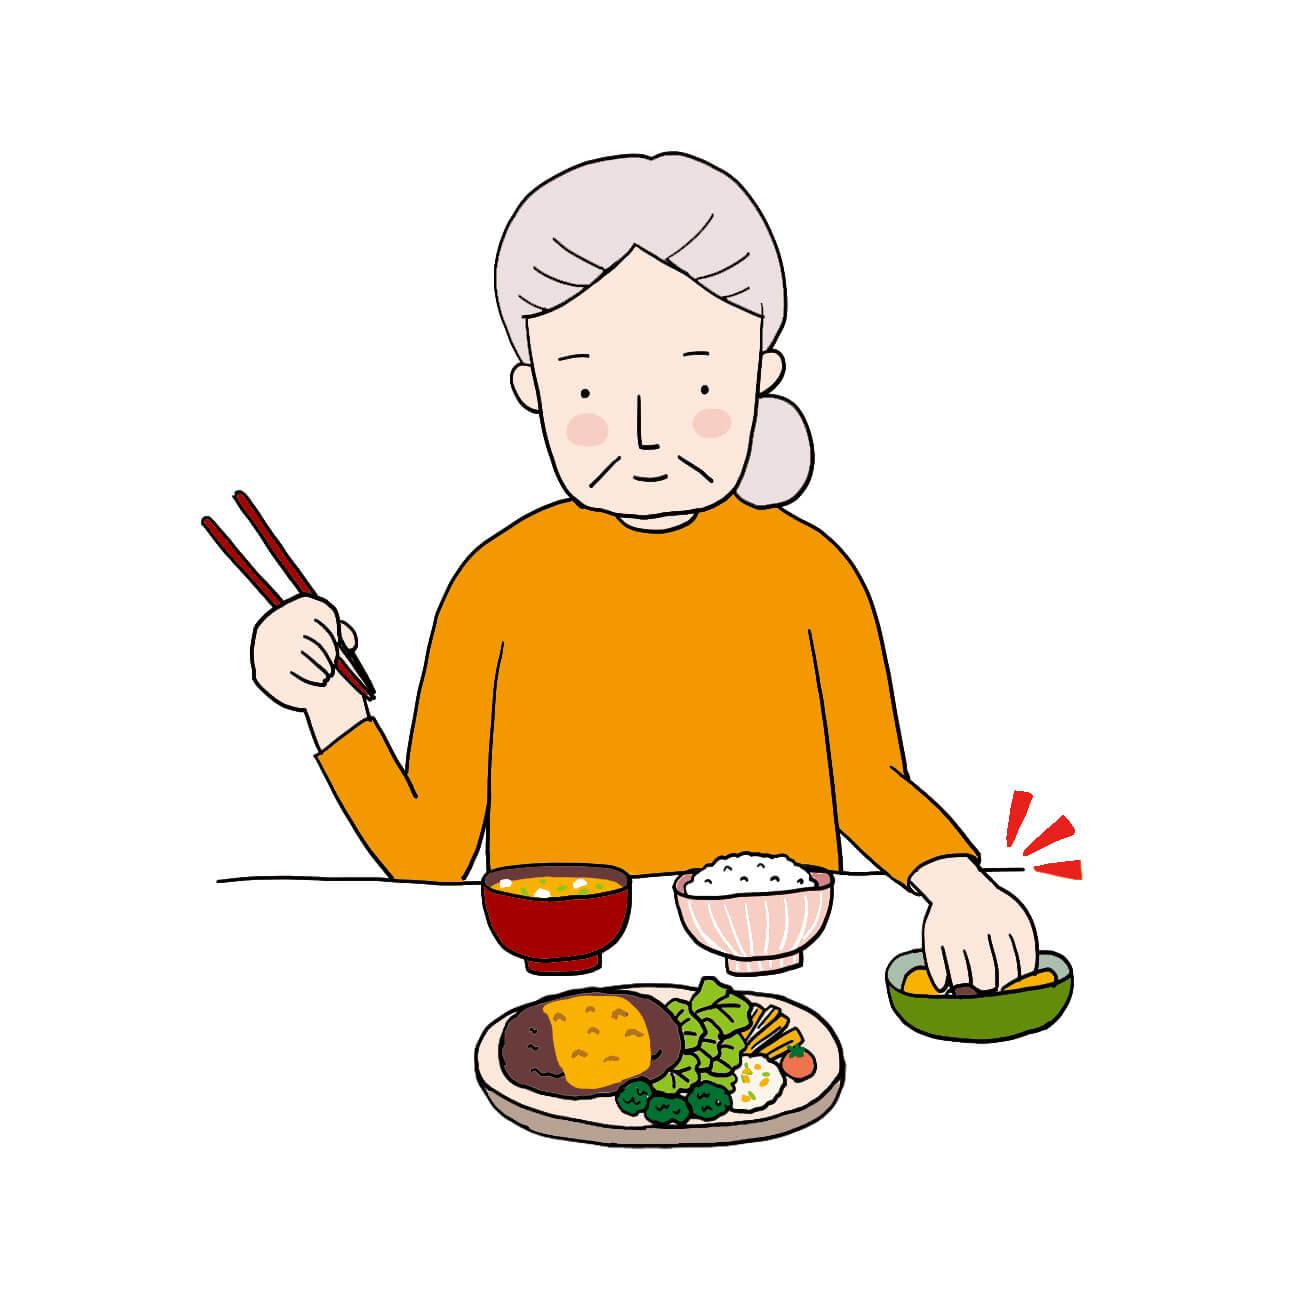 食器の中に手を入れてしまう老人患者イラスト